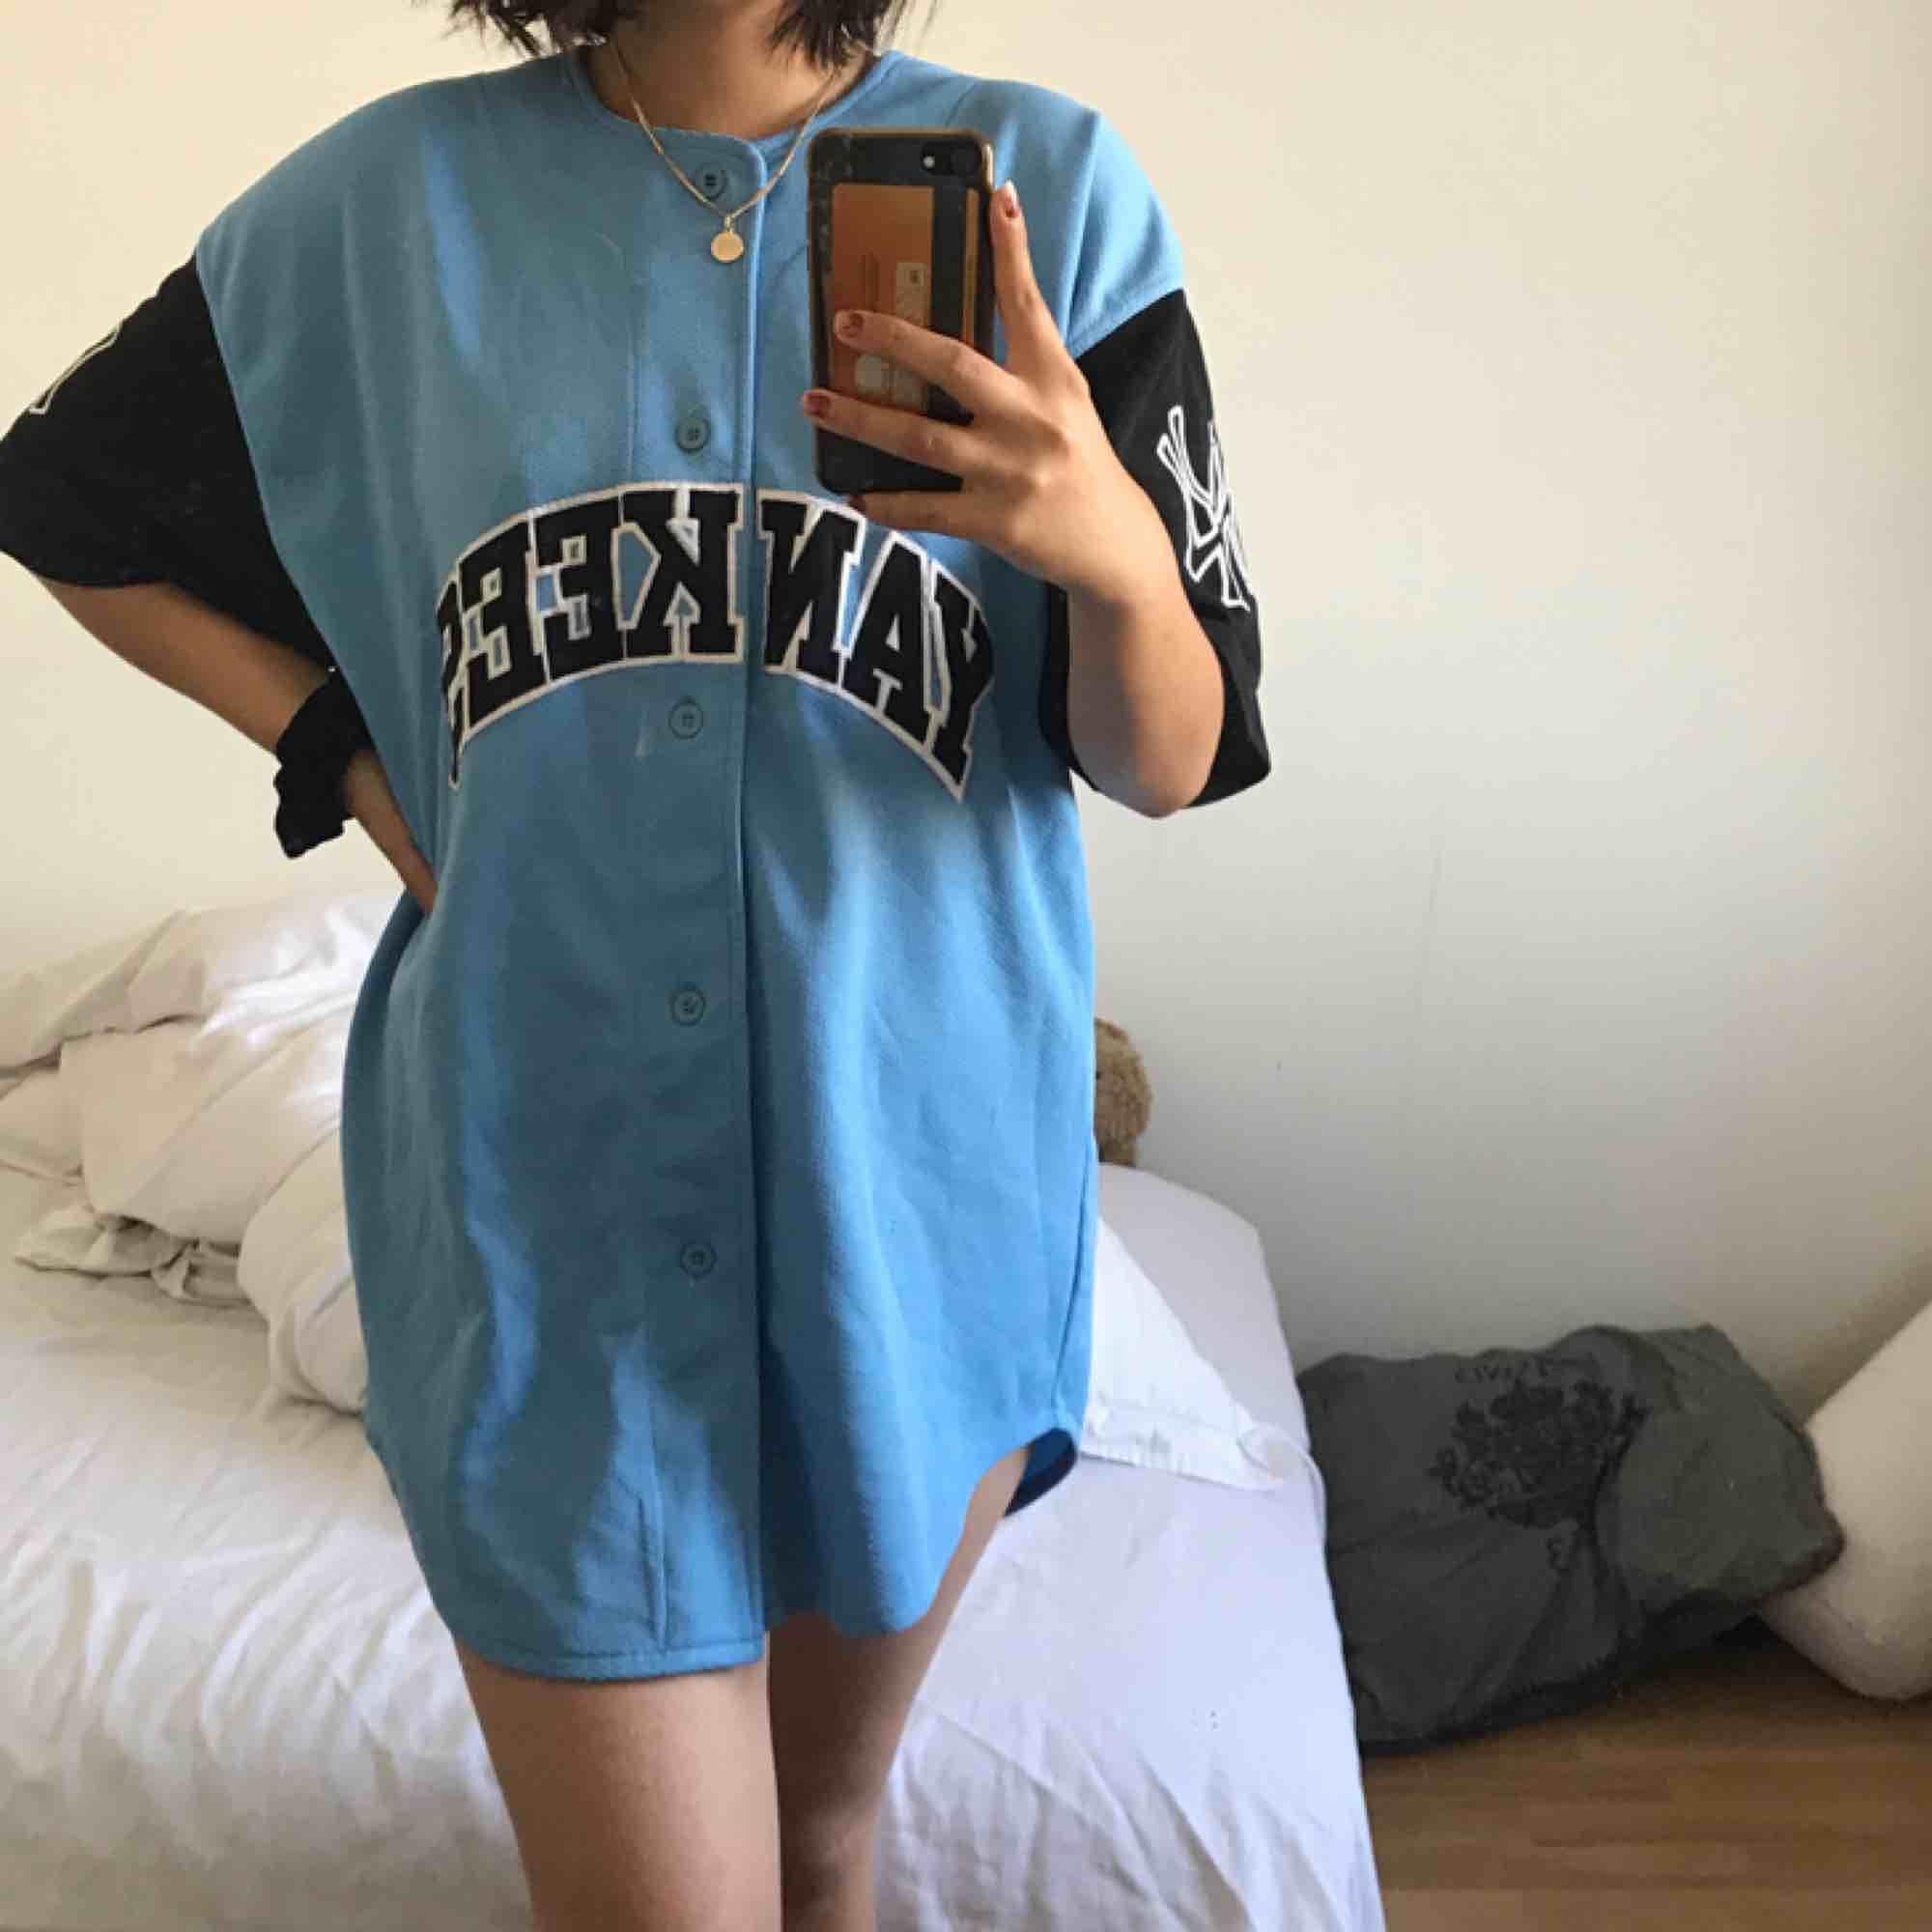 Vintage baseball jersey klänning köpt på second hand, kommer ej till användning därför säljer jag den. Använd max 10 gånger men är forfarande i bra skick. Frakt ingår ej 😇💕. Tröjor & Koftor.